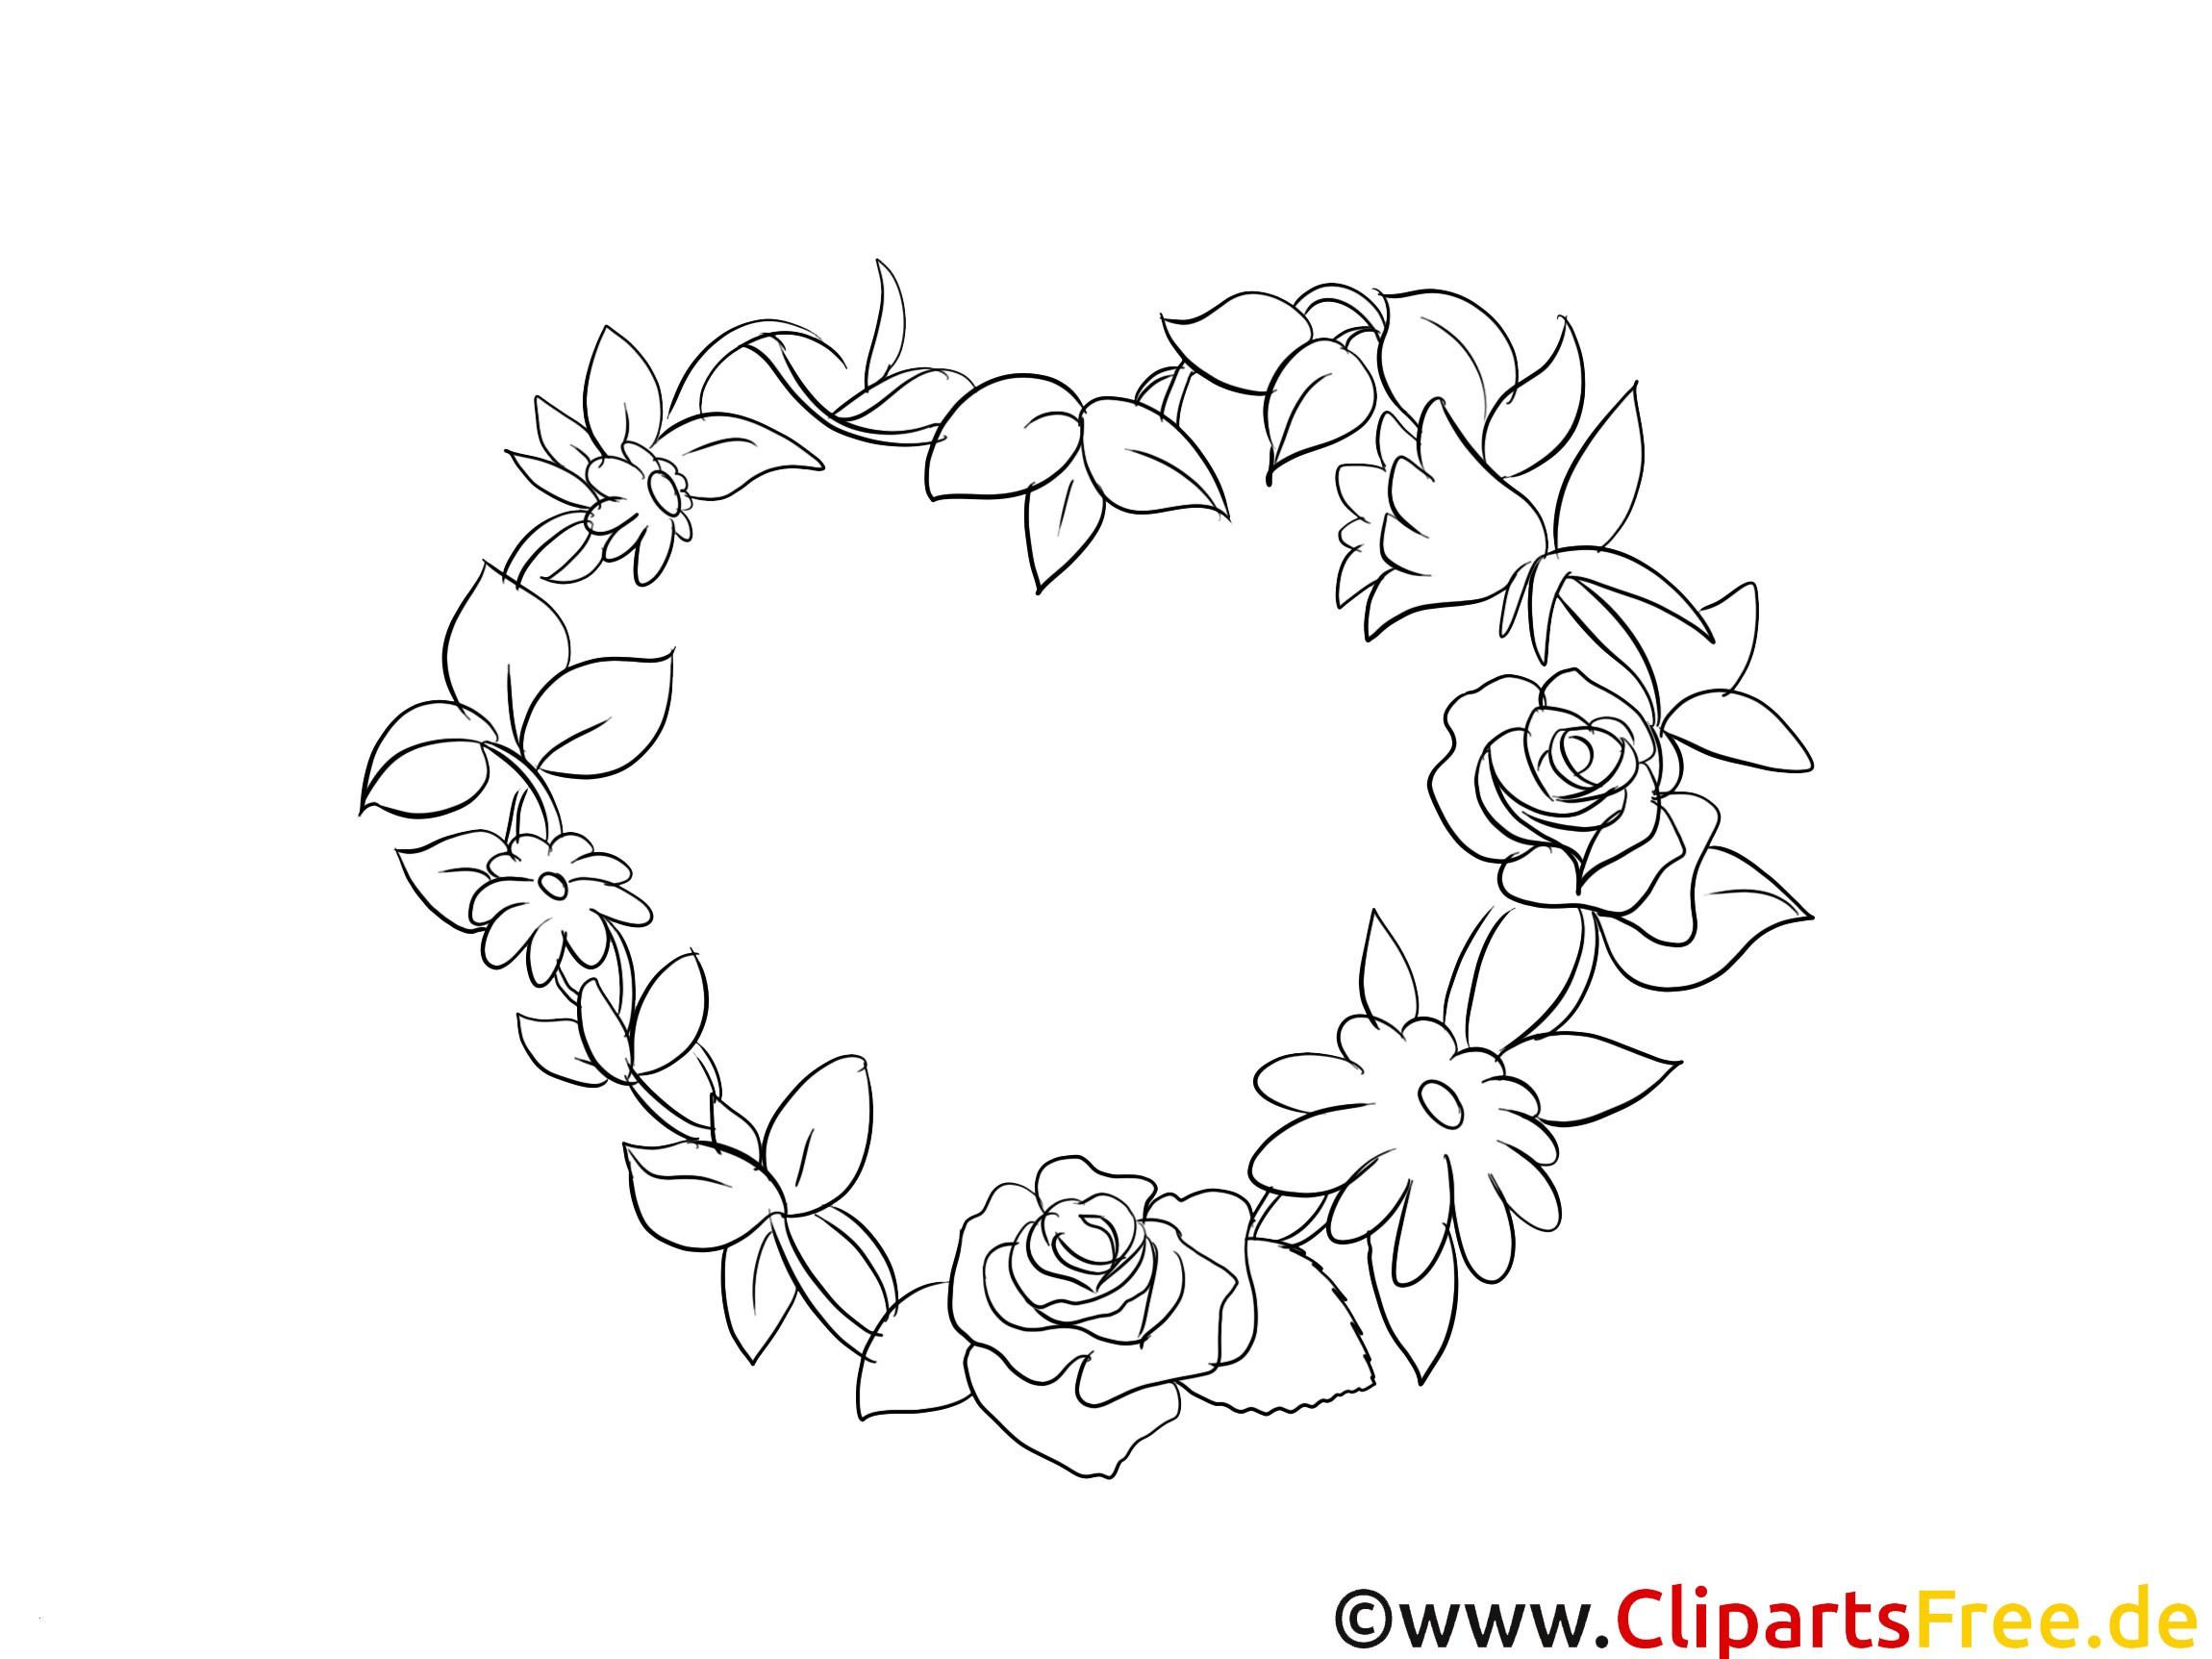 Malvorlagen Blumen Rosen Inspirierend Malvorlagen Rosen Inspirierend 40 Ausmalbilder Rosen Scoredatscore Bild